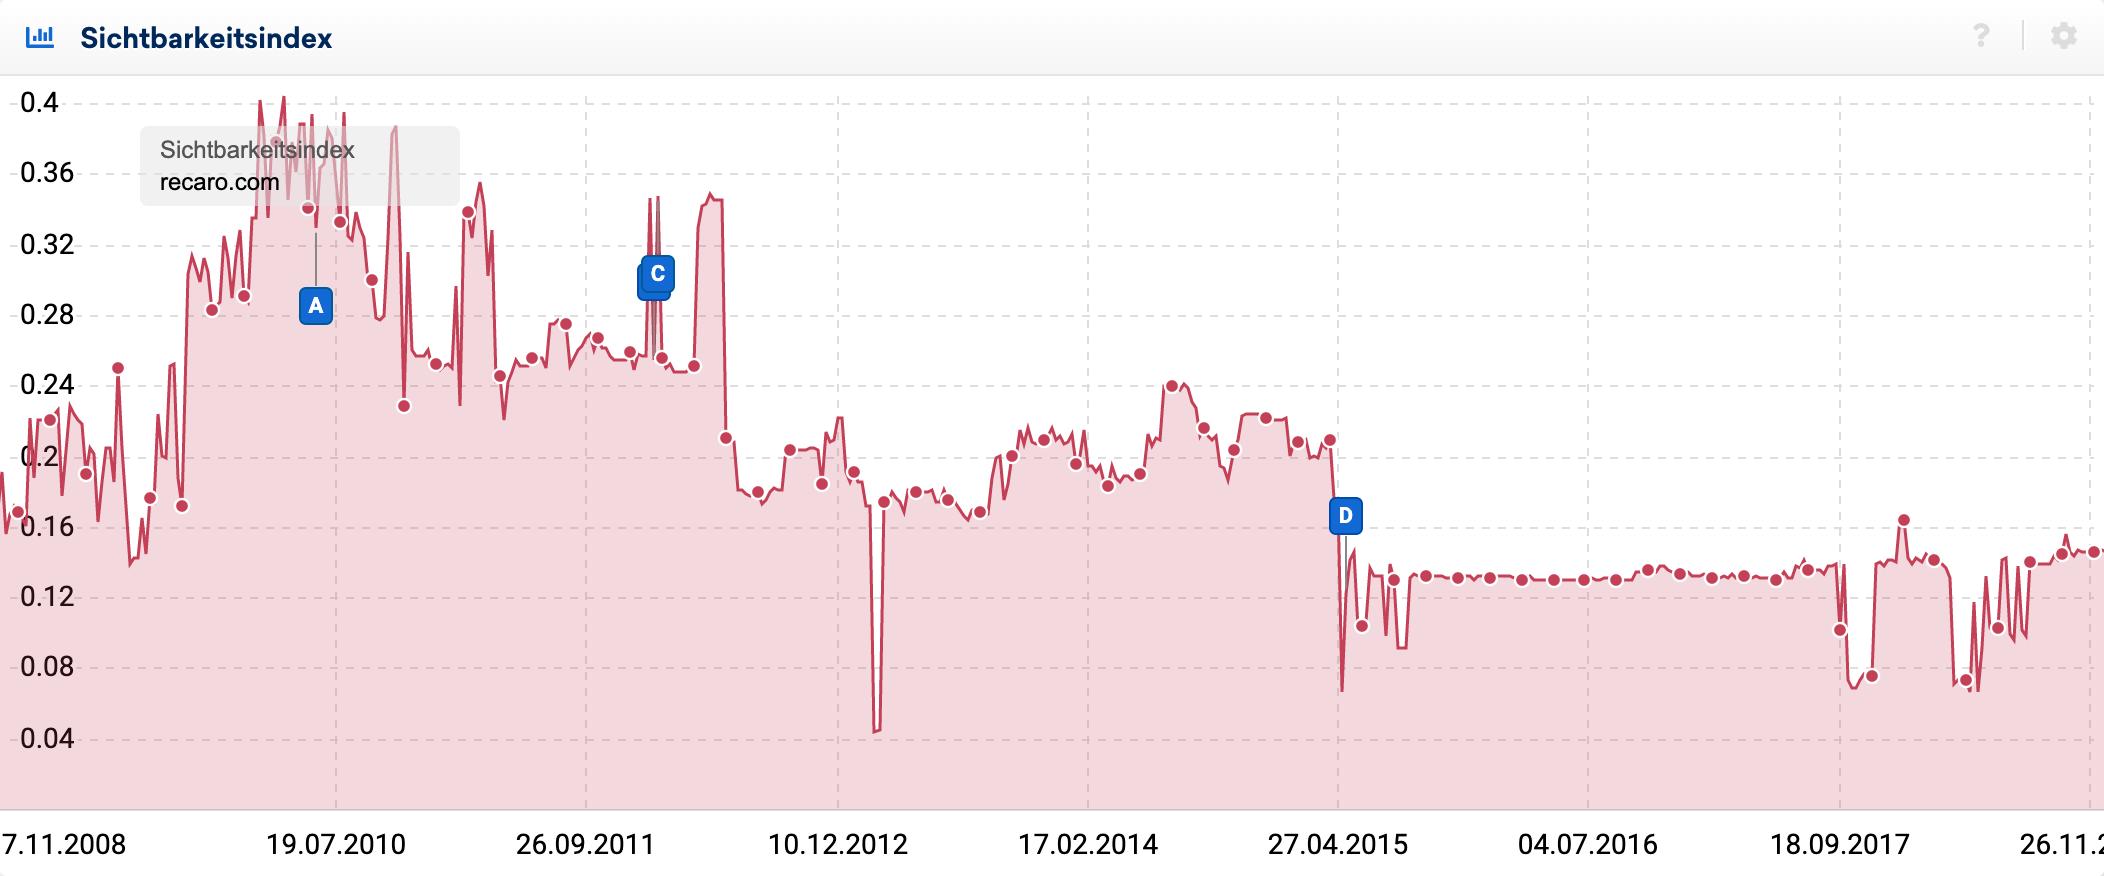 Sichtbarkeitsindex-Verlauf der Domain recaro.com